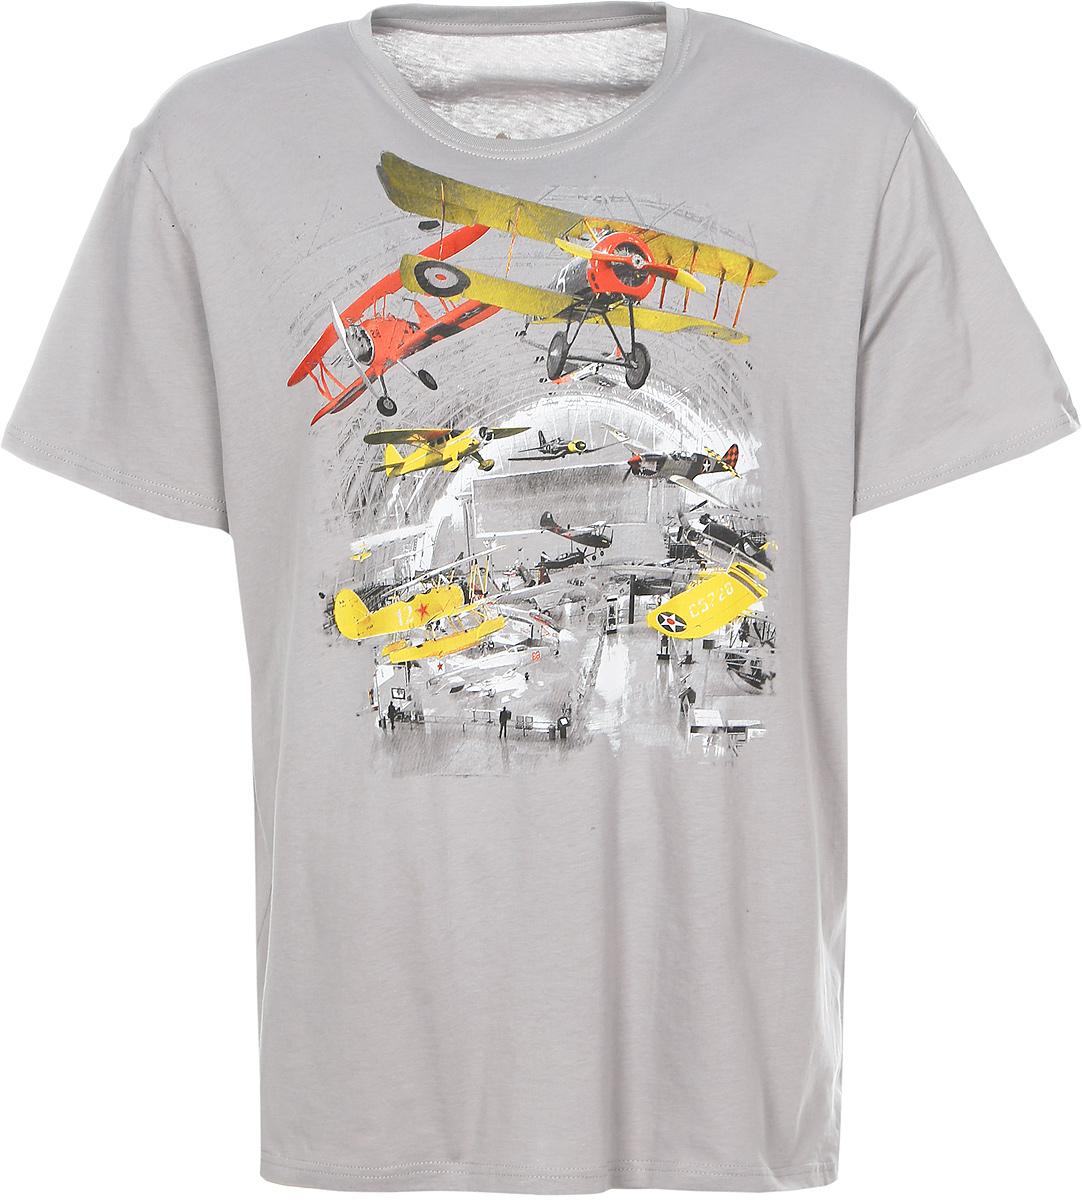 Футболка06230_АнгарСтильная мужская футболка Todomoda Ангар изготовлена из натурального хлопка. Модель с круглым вырезом горловины и короткими рукавами оформлена оригинальным принтом с изображением самолетов.